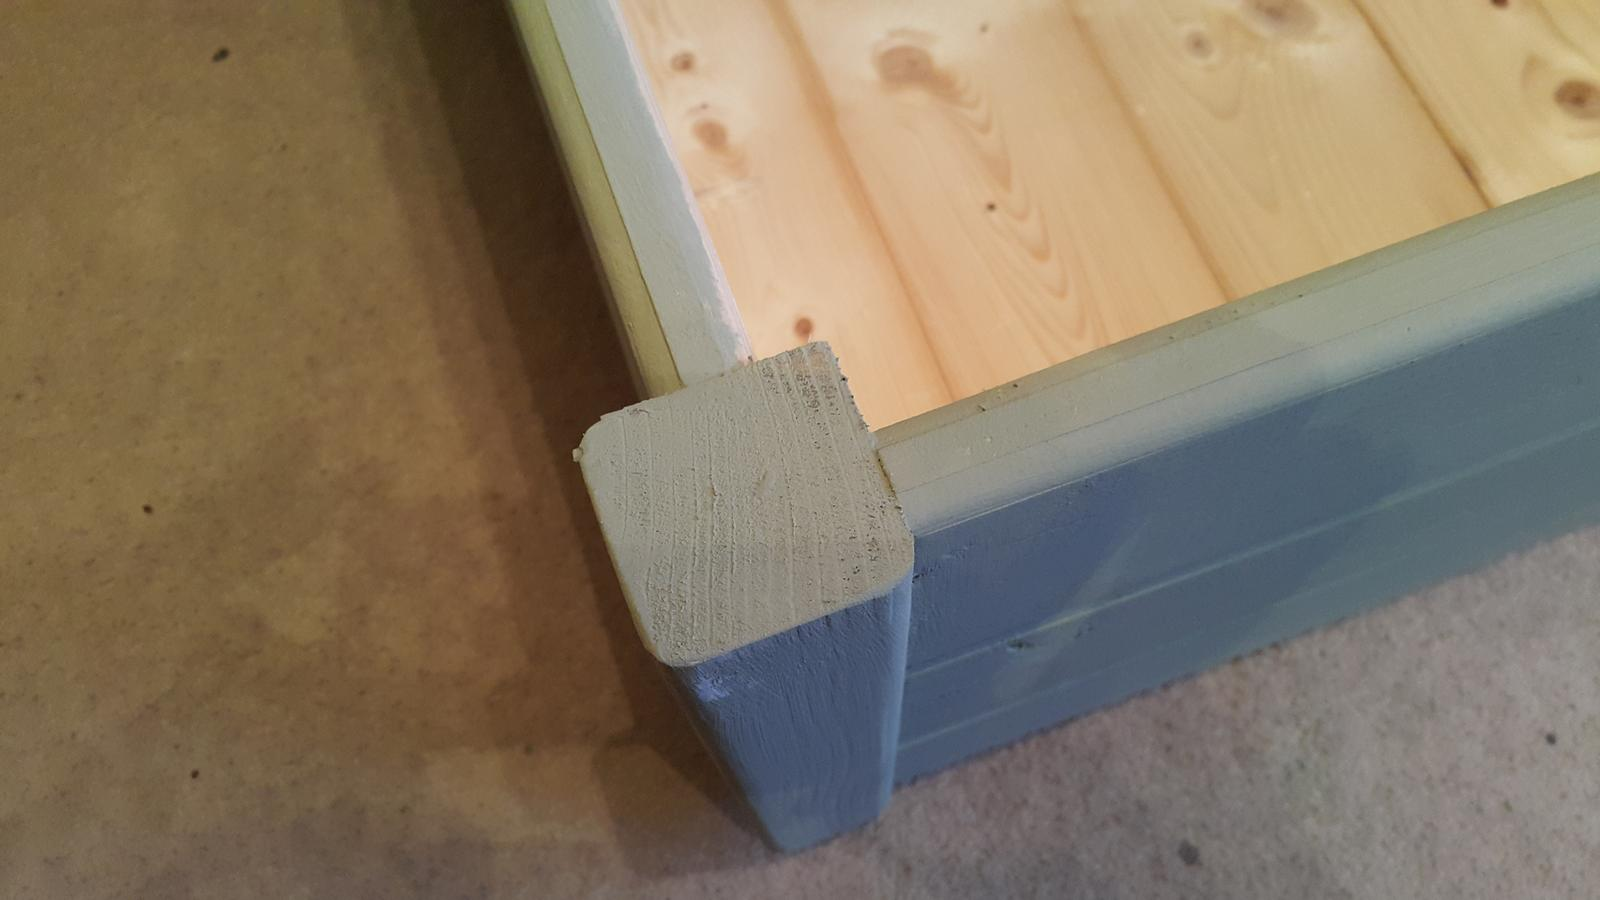 Drevo a veci okolo - upgrade povodneho stolika. vymena bocnych palubiek za riadne dosky a vrchna doska je vymenena za preglejku. konecne to aj lepsie vyzera.